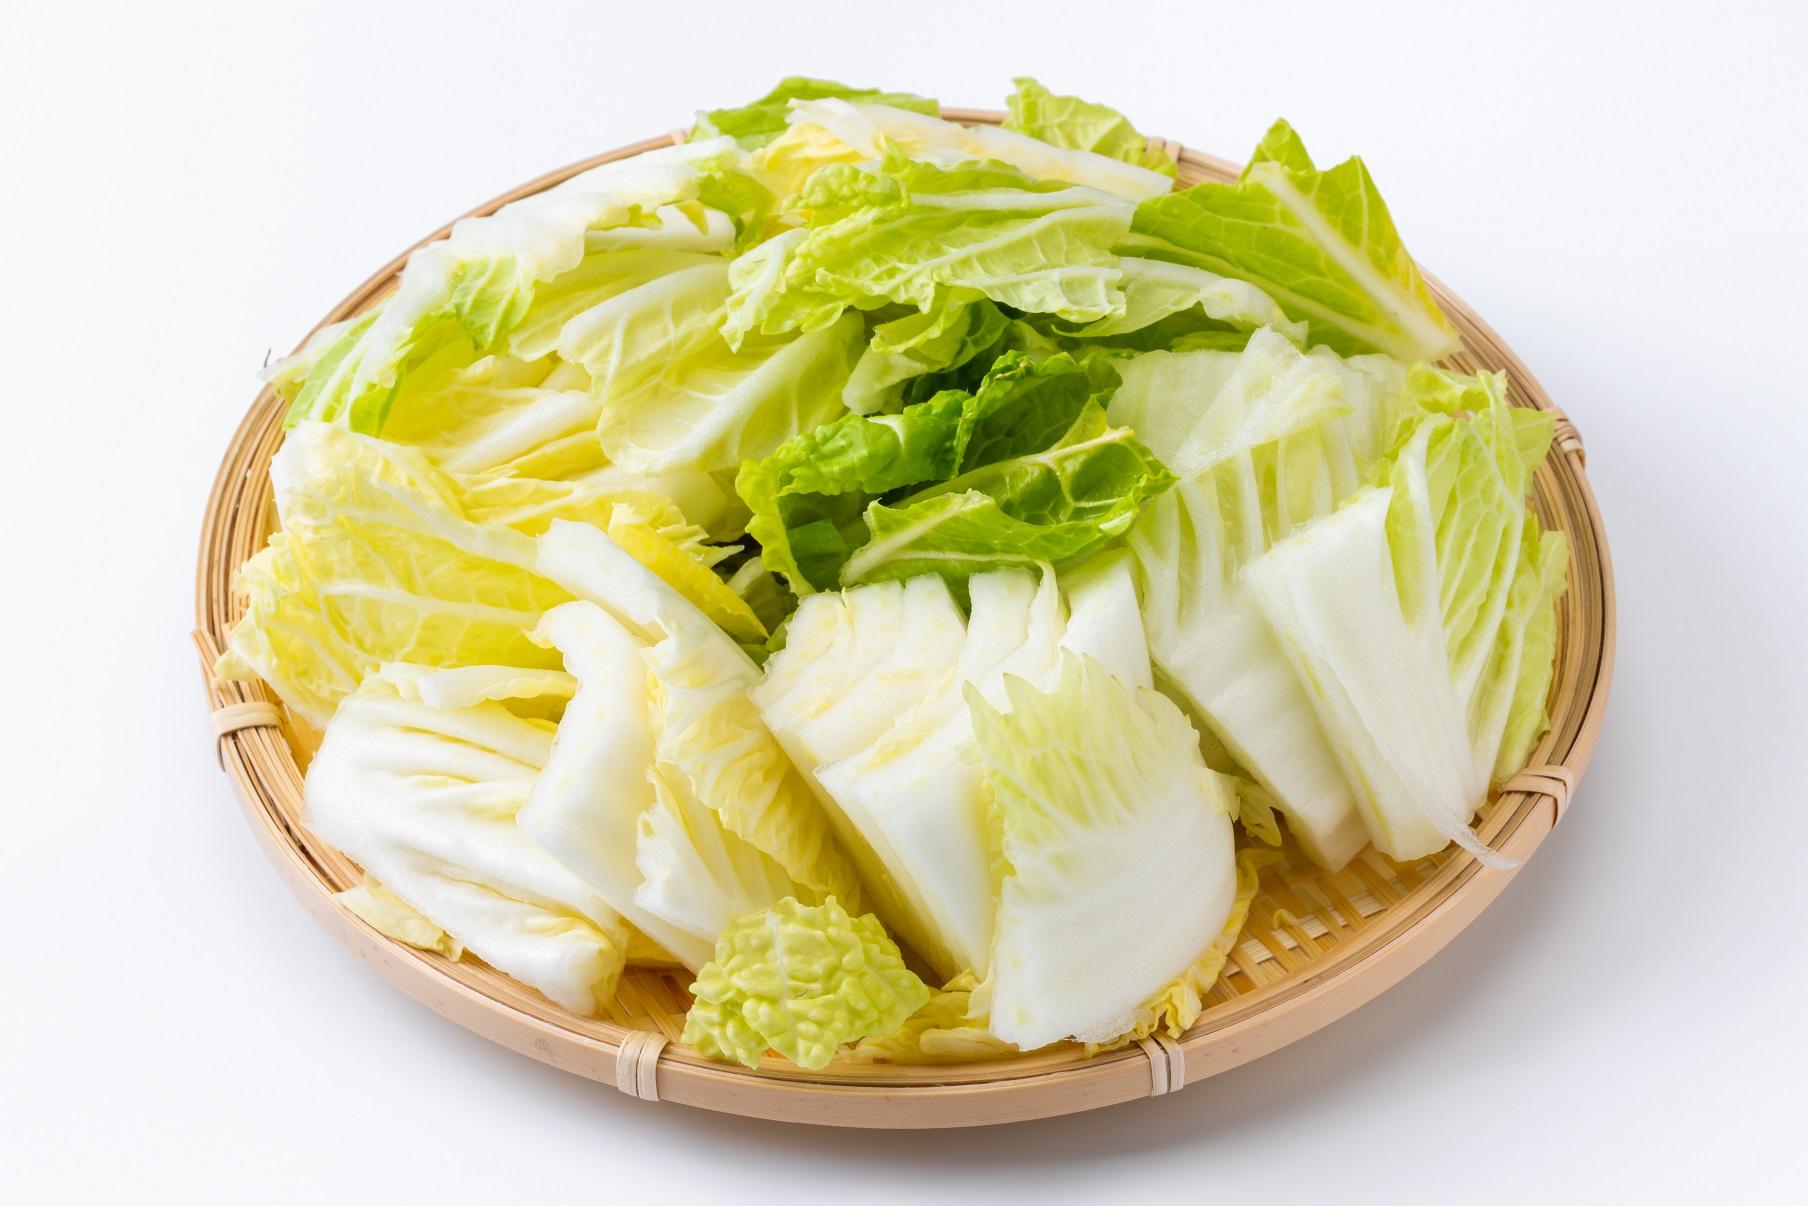 中区上前津パーソナルジム_ザク切りされた白菜の写真